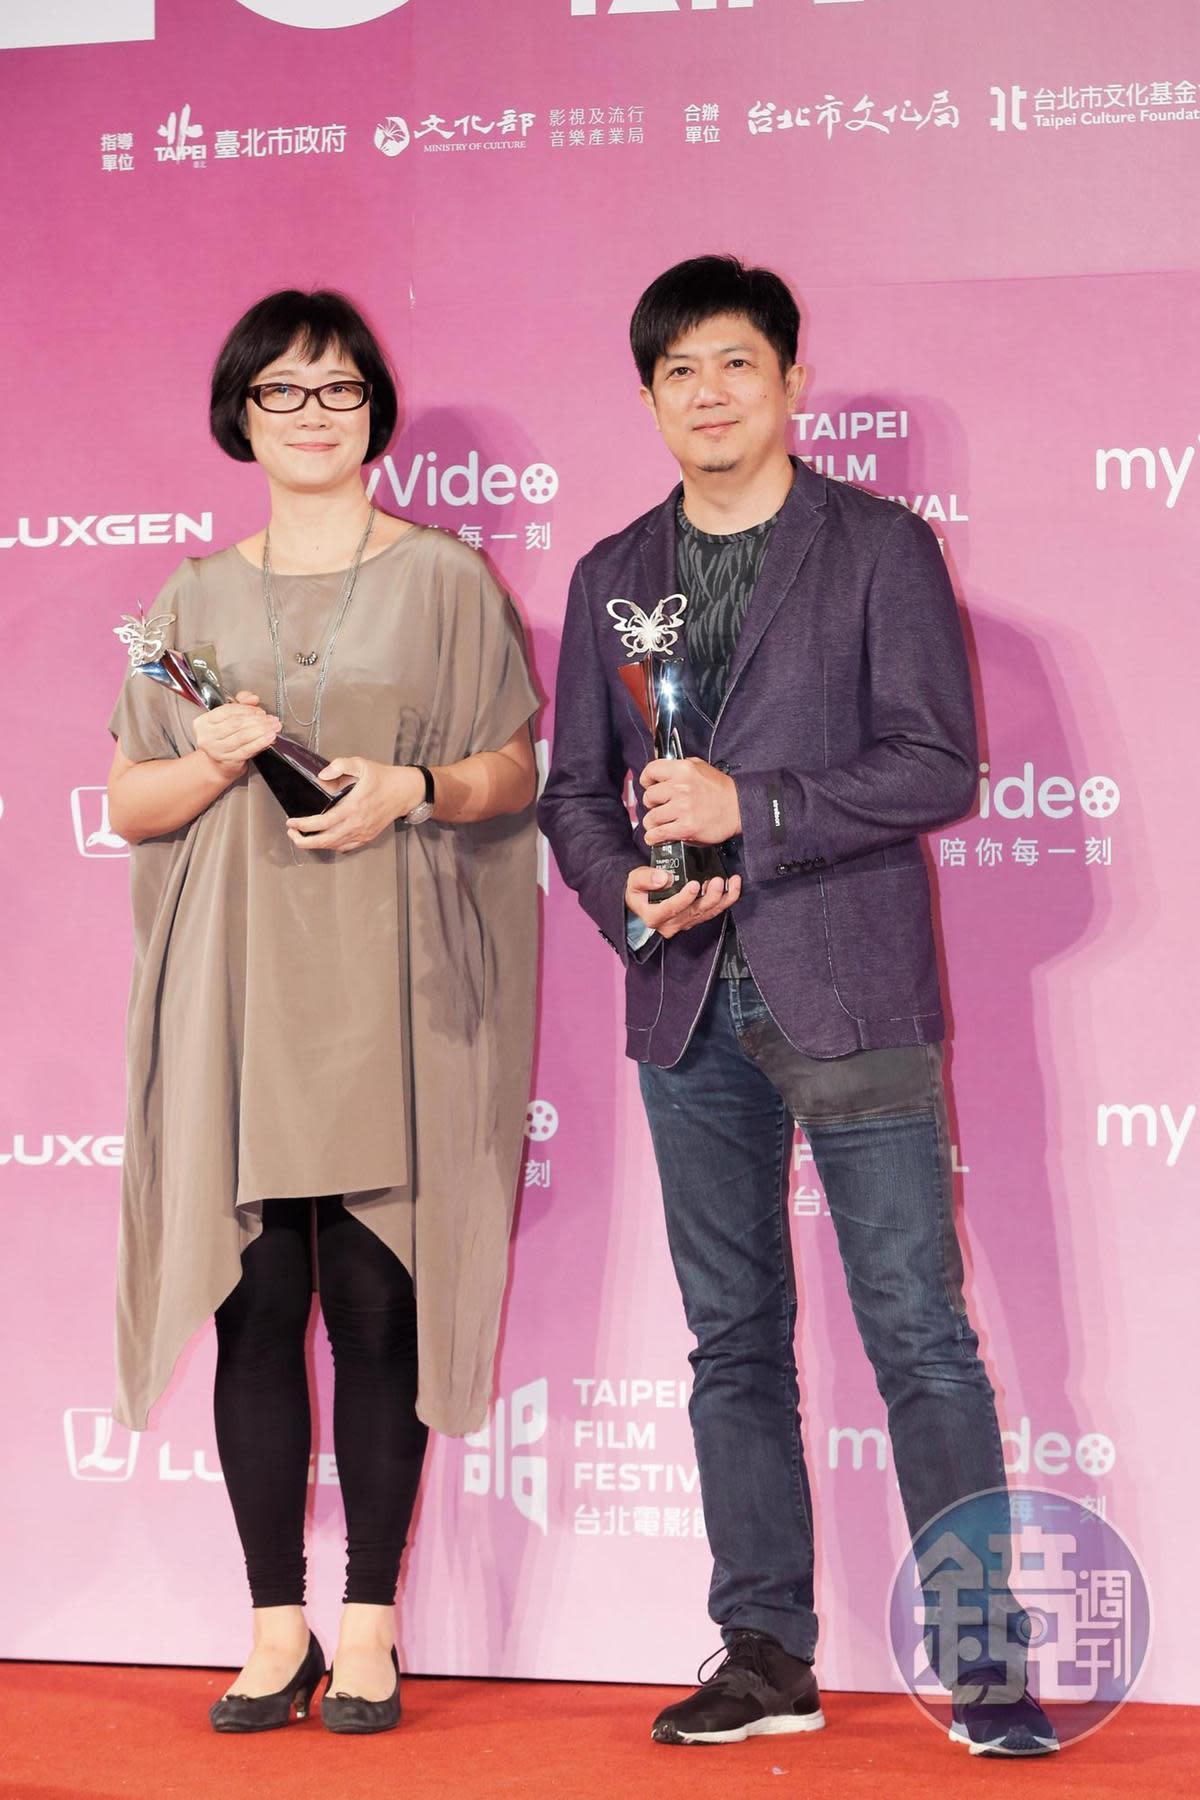 雷光夏(左)、侯志堅(右)以《范保德》獲頒本屆台北電影獎最佳配樂獎。